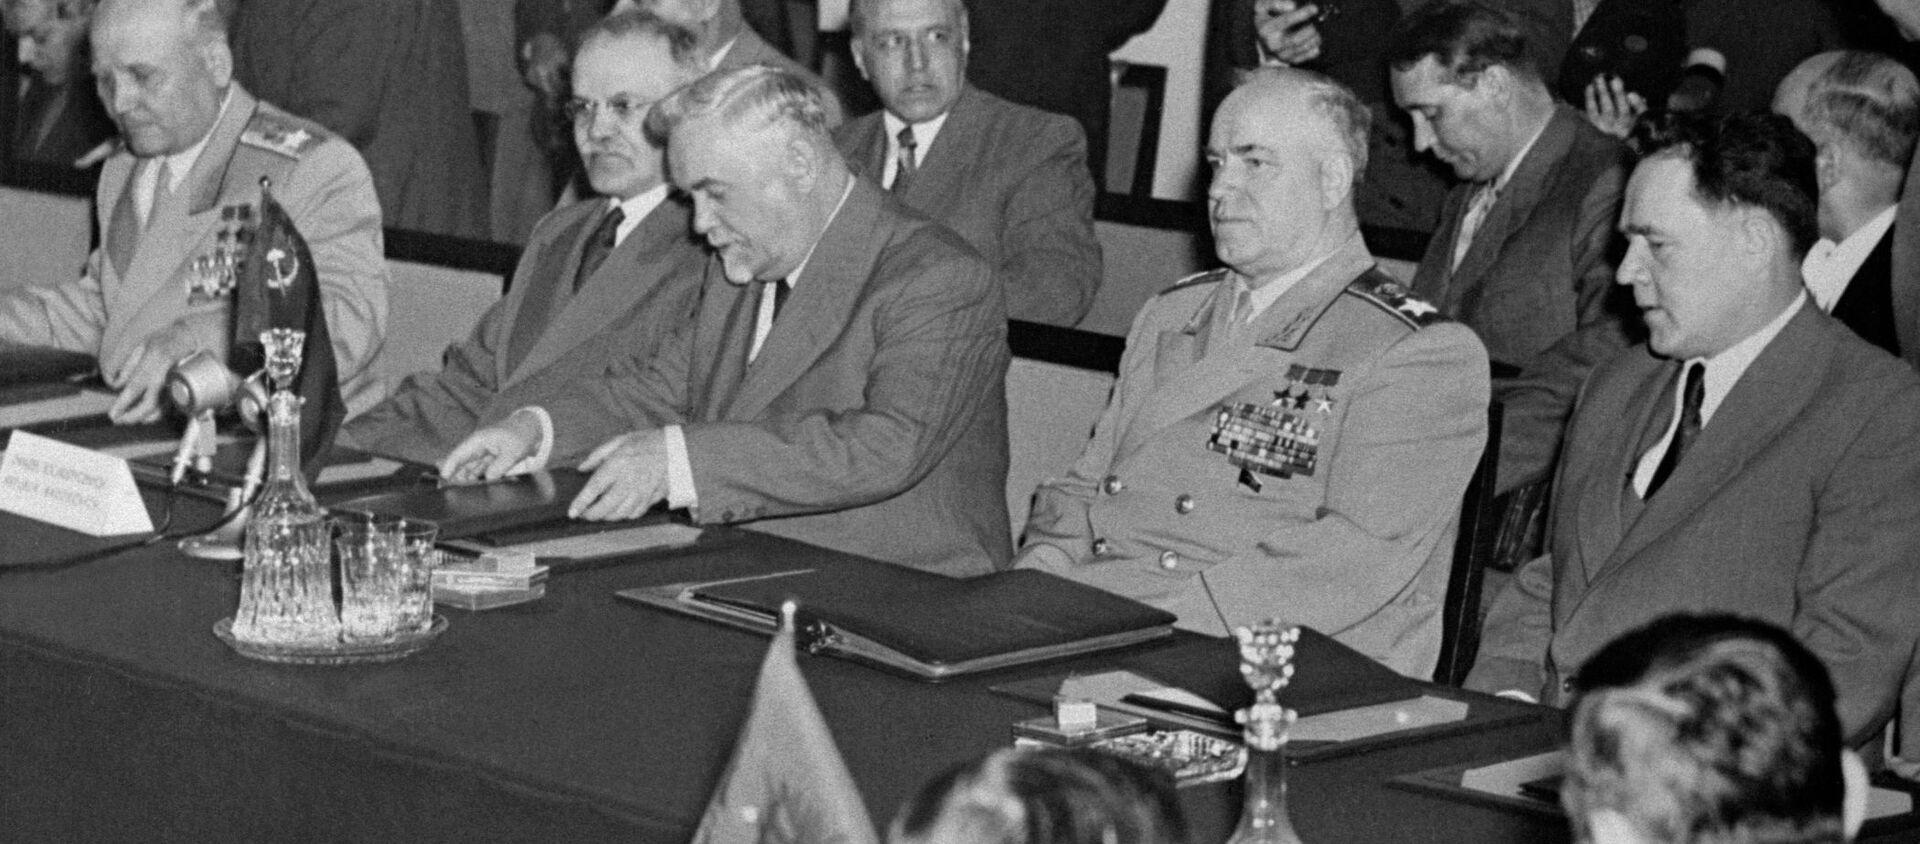 Układ podpisano 14 maja 1955 roku w pałacu Rady Ministrów w Warszawie. - Sputnik Polska, 1920, 14.05.2020